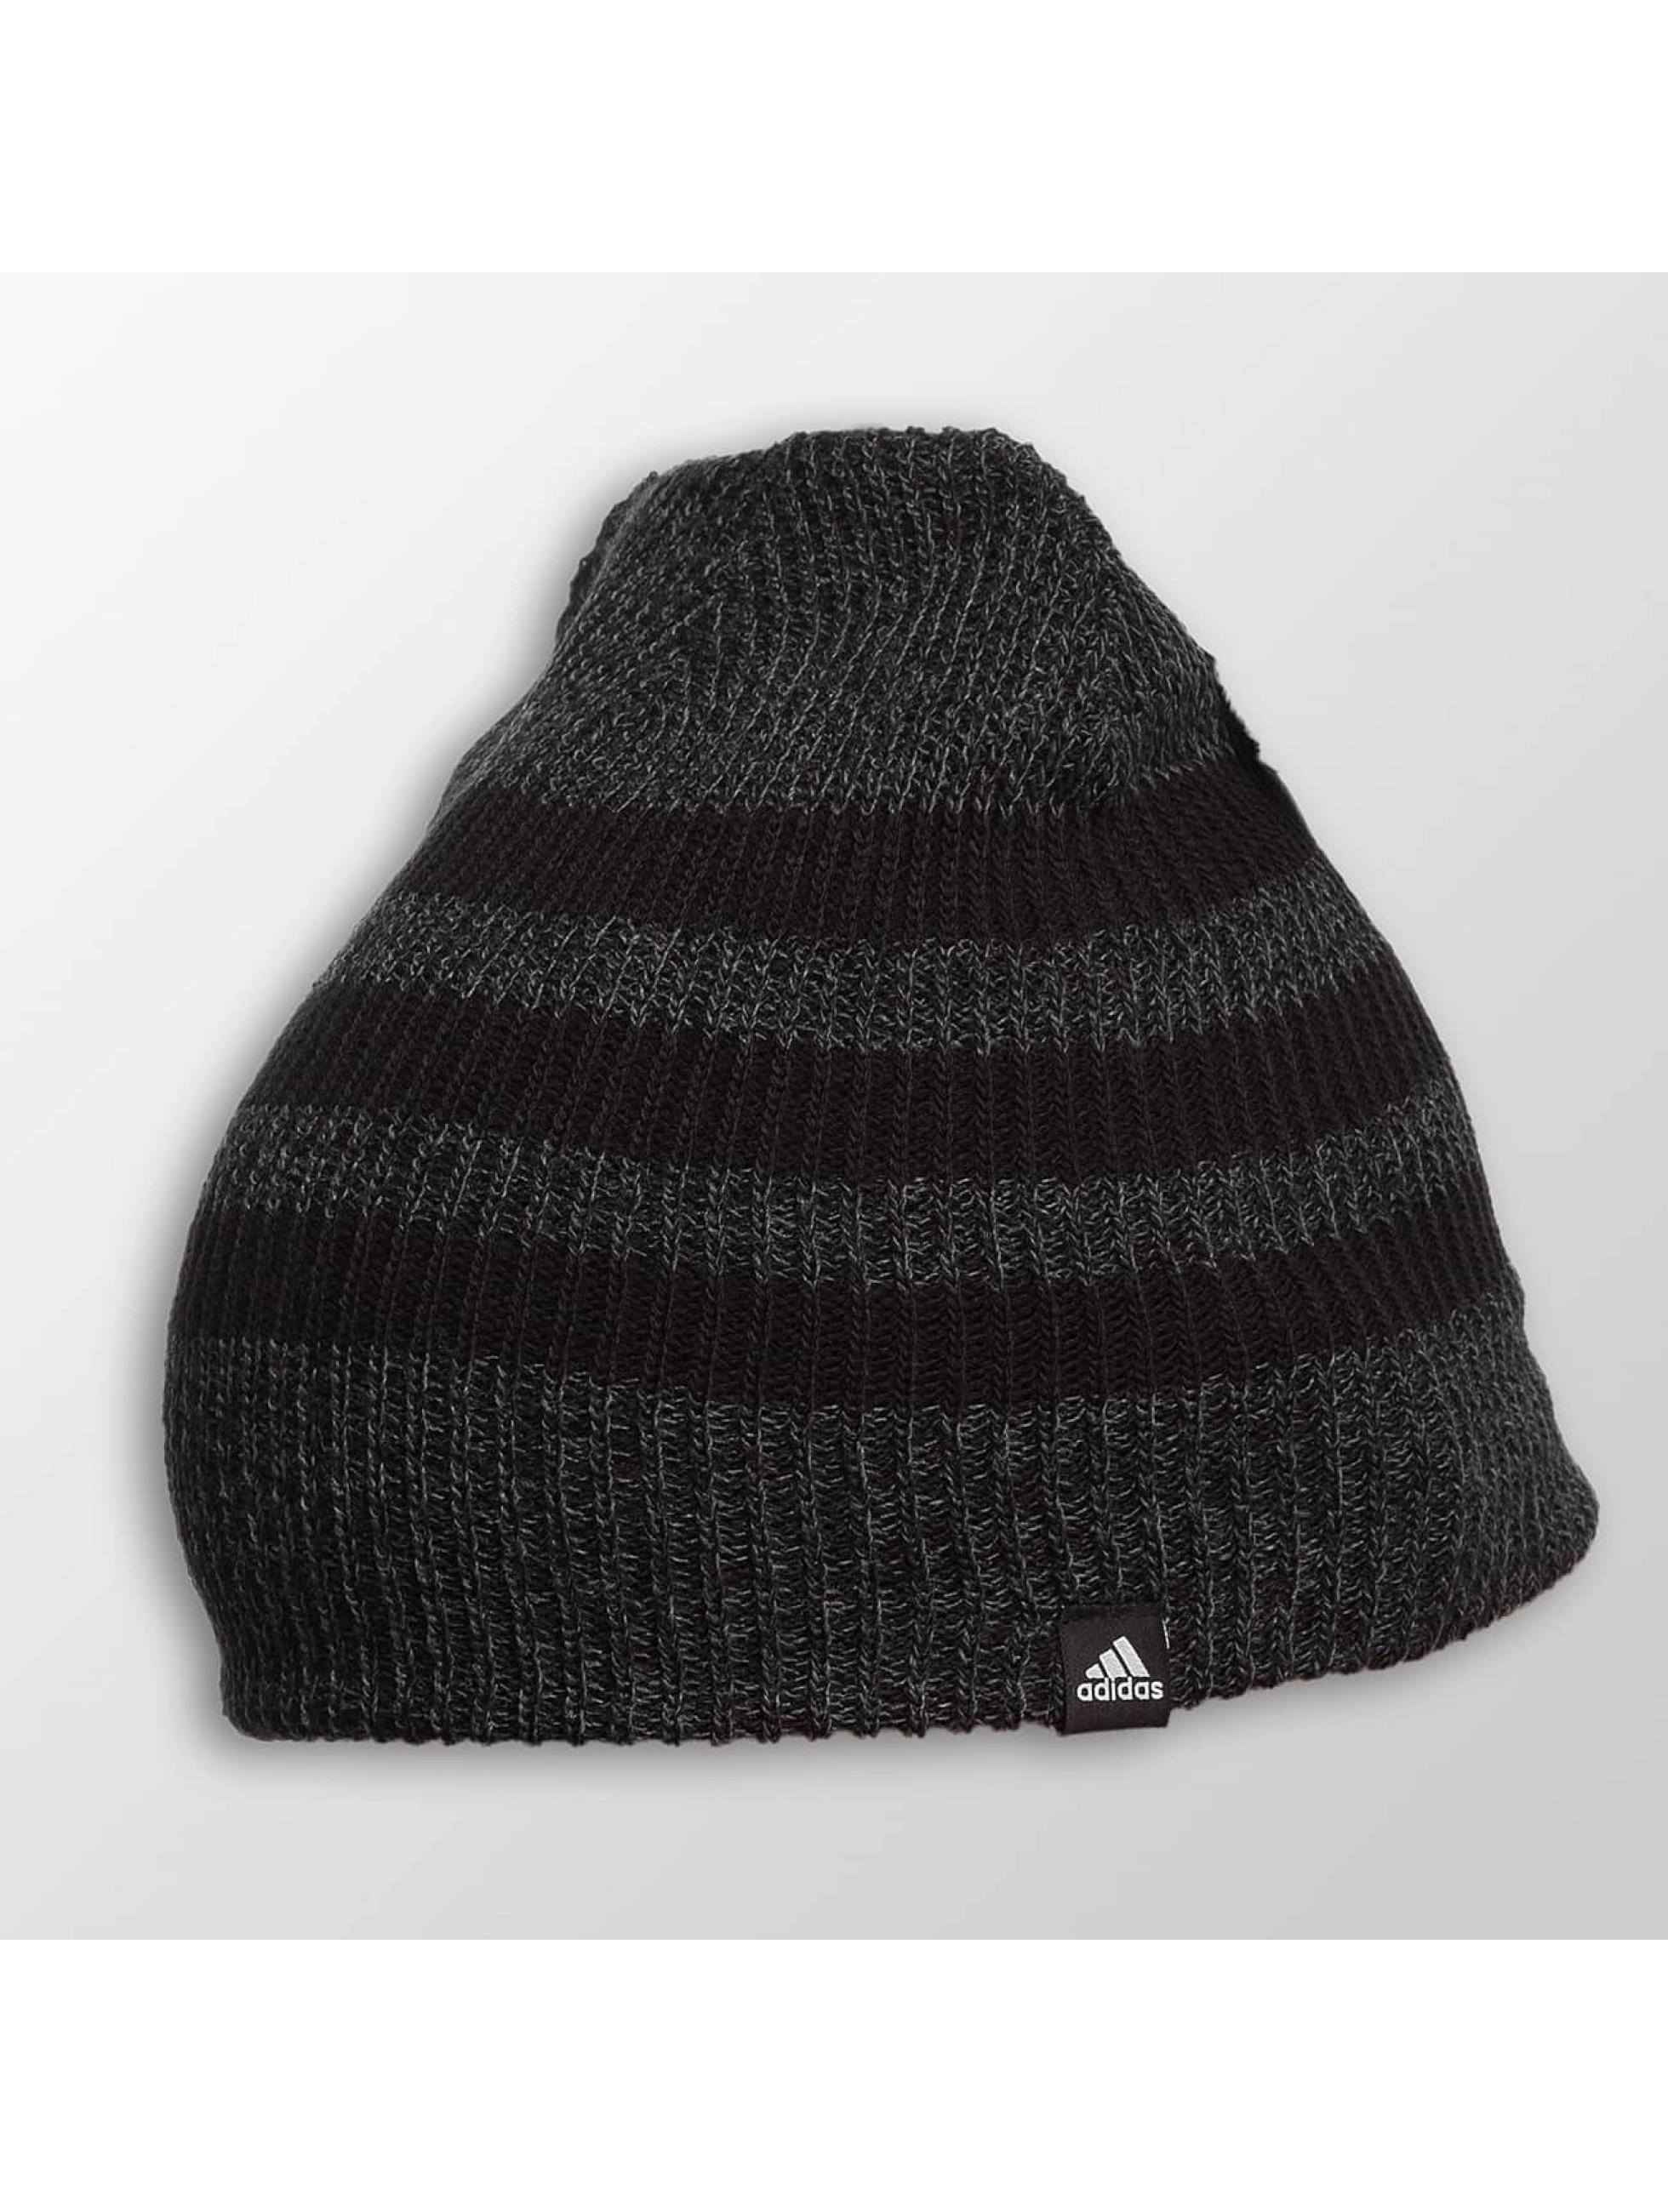 adidas шляпа Adidas 3S черный